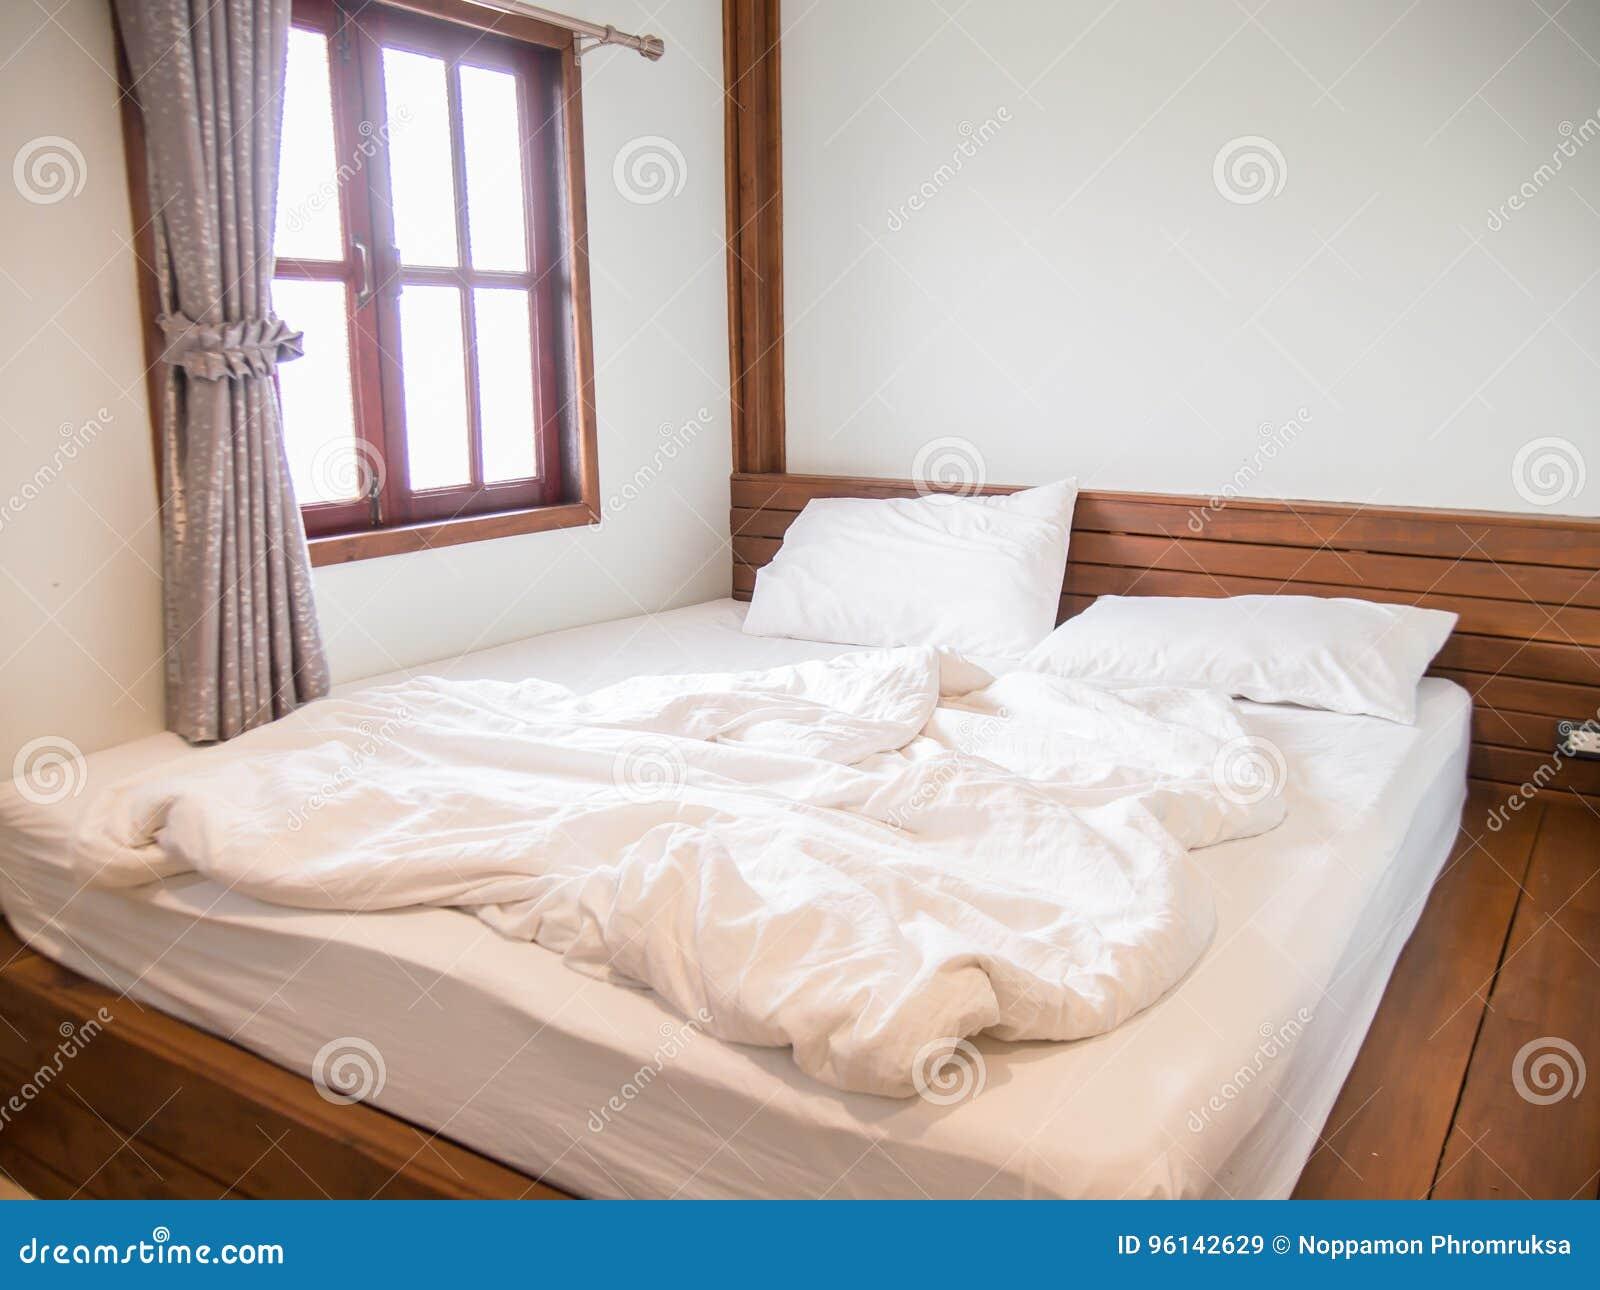 Weiße Kissen Auf Dem Bett Und Einer Unordentlichen Decke Im ...